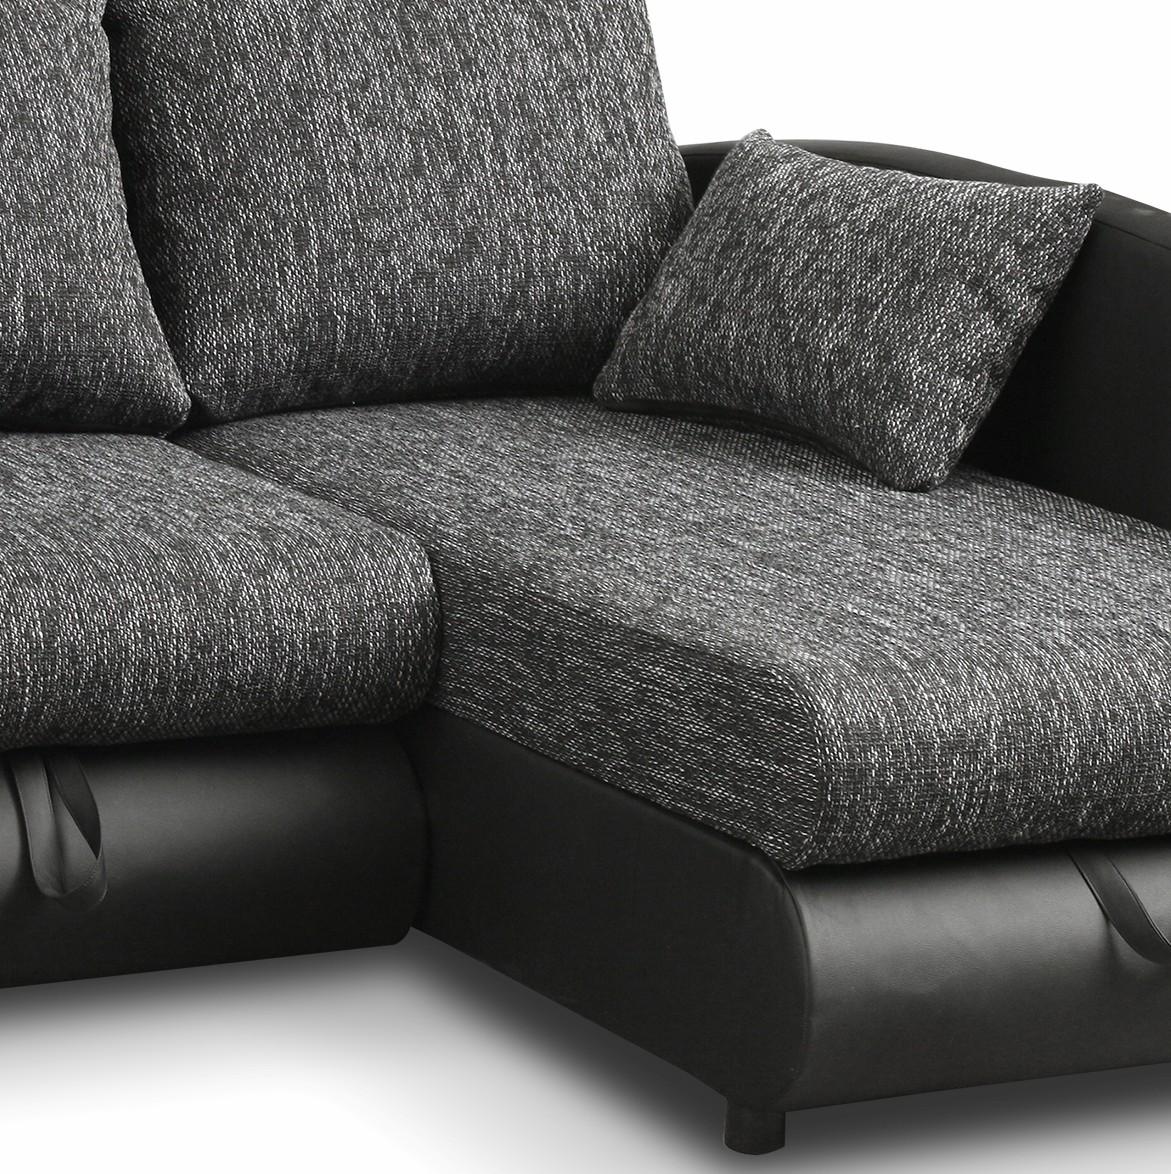 Full Size of Sofa Günstig Moderne Wohnlandschaft Couch Ecksofa Eckcouch In Schwarz Esstisch Mit 4 Stühlen Höffner Big Kolonialstil Xxl Verstellbarer Sitztiefe 3er Grau Sofa Sofa Günstig